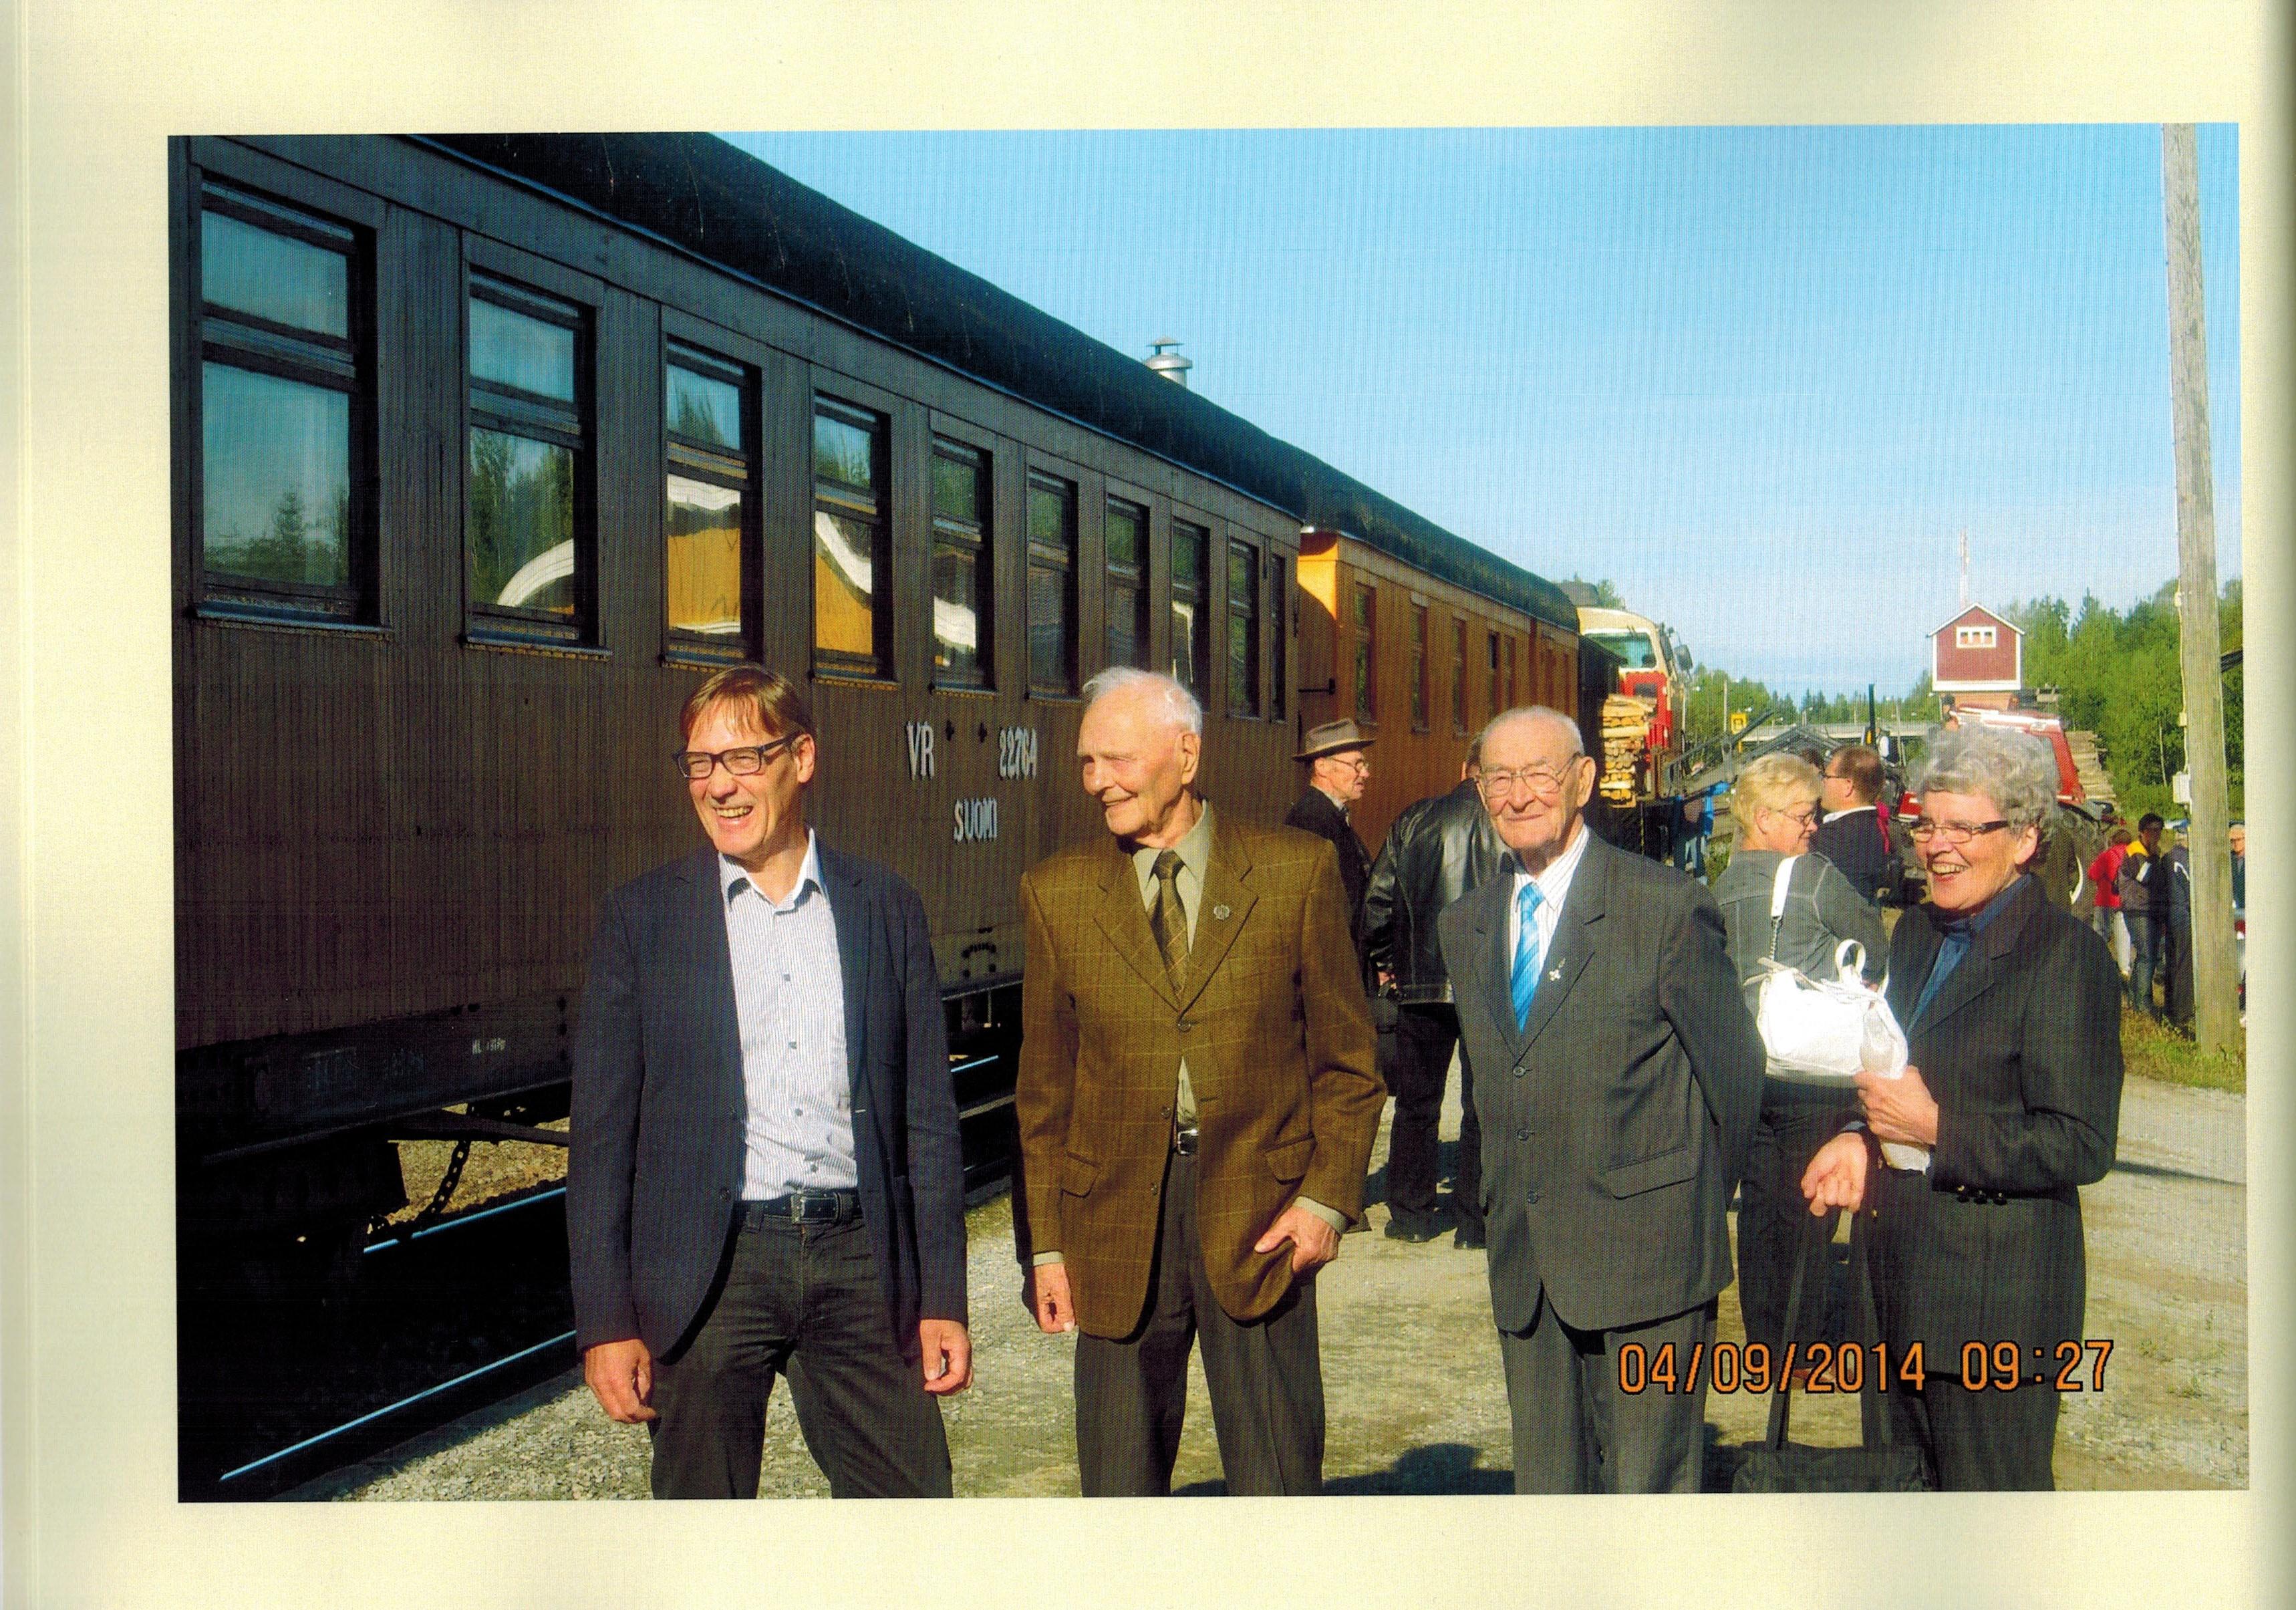 Pioneerit lähdössä Kiuruveden asemalta Lieksaan 4.9.2014. Mikko Päällysaho, Aarre Öörni ja Toivo Pekkala sekä Kerttu Öörni. Kuva Riitta Päällysaho.